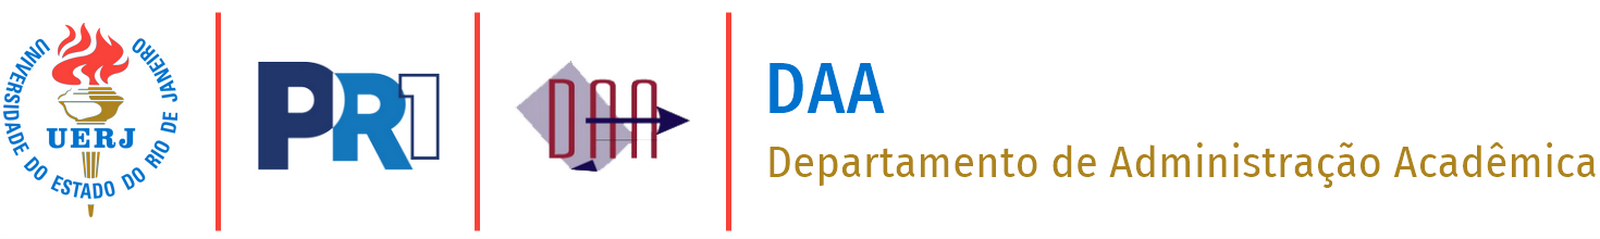 Departamento de Administração Acadêmica – DAA